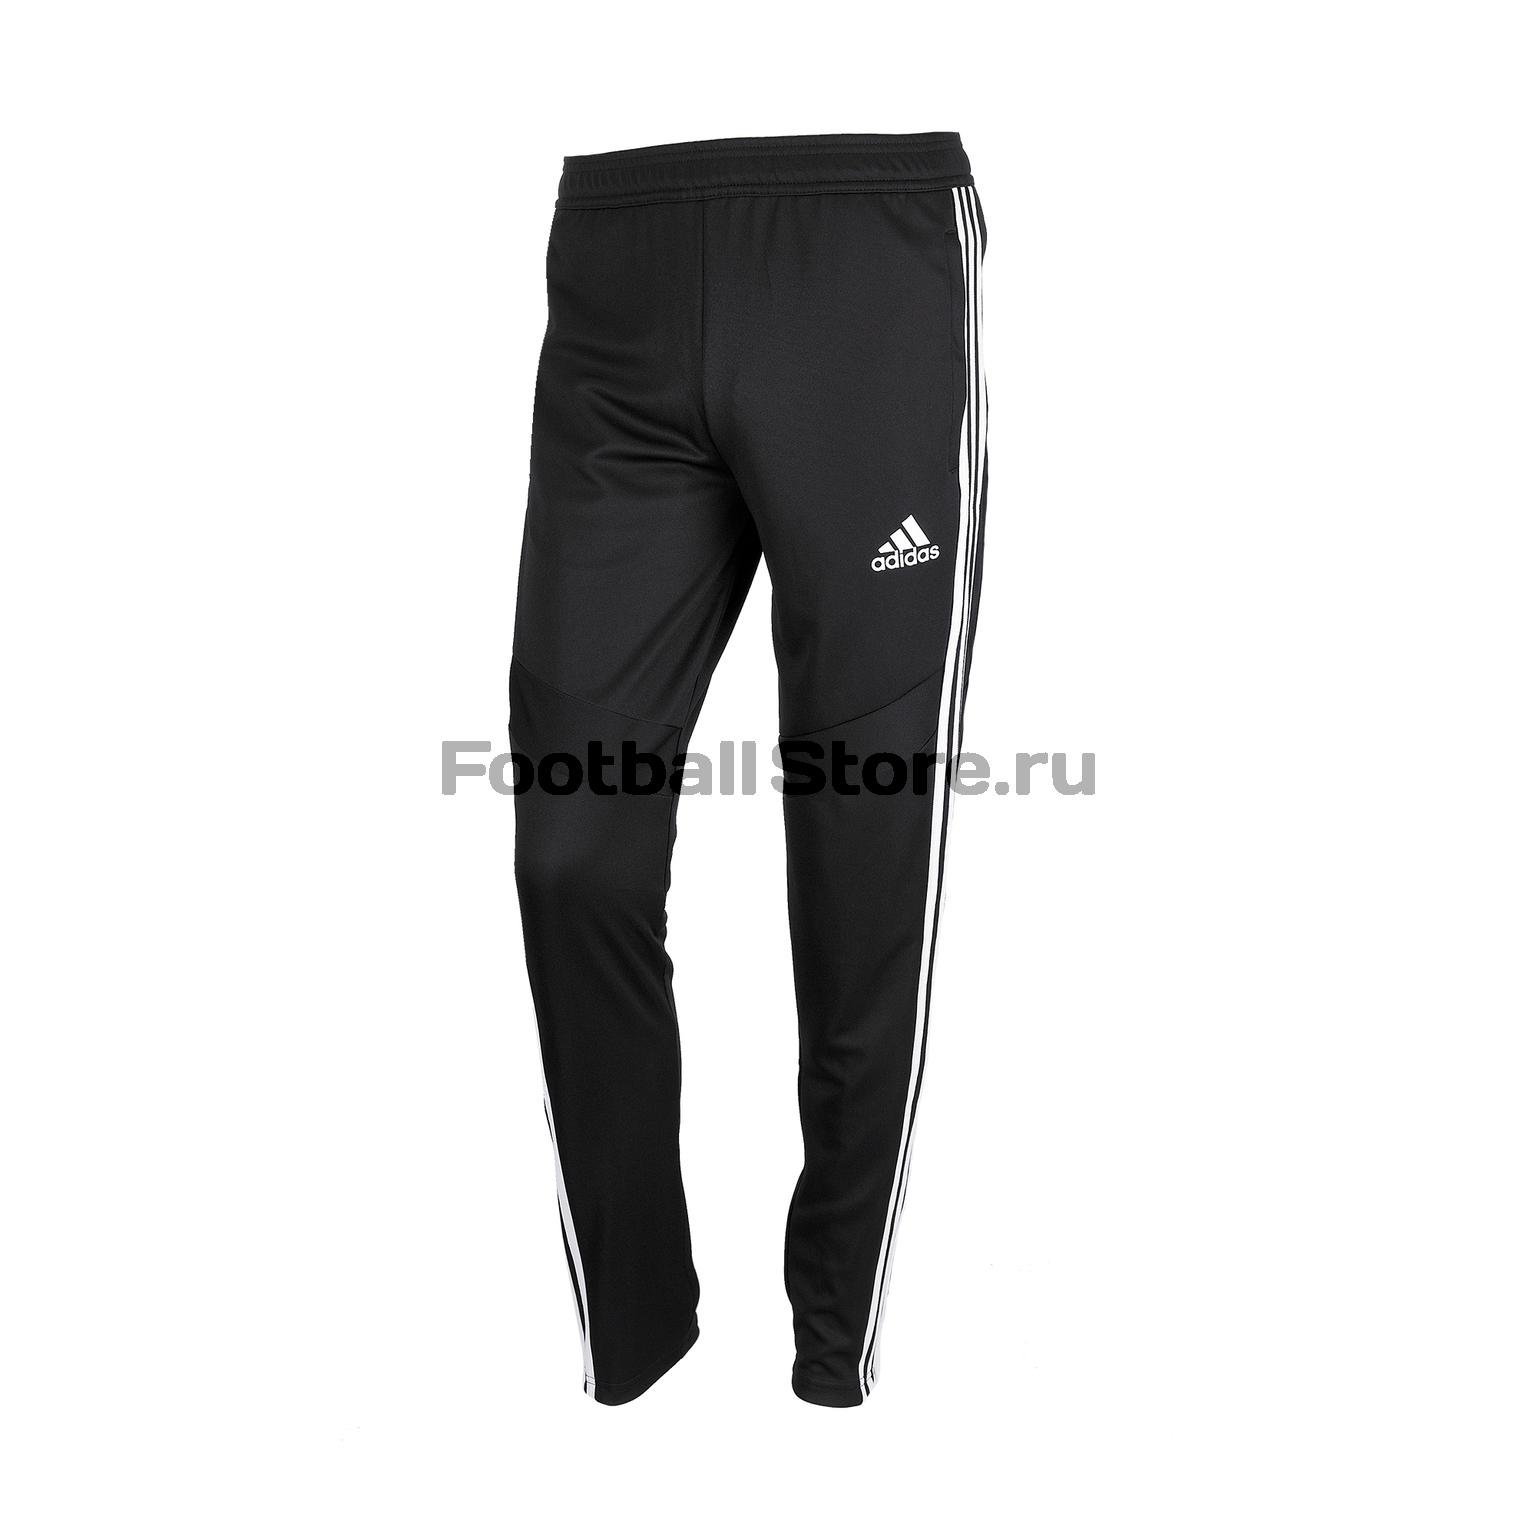 Брюки подростковые Adidas Tiro19 Pants D95961 hd 559